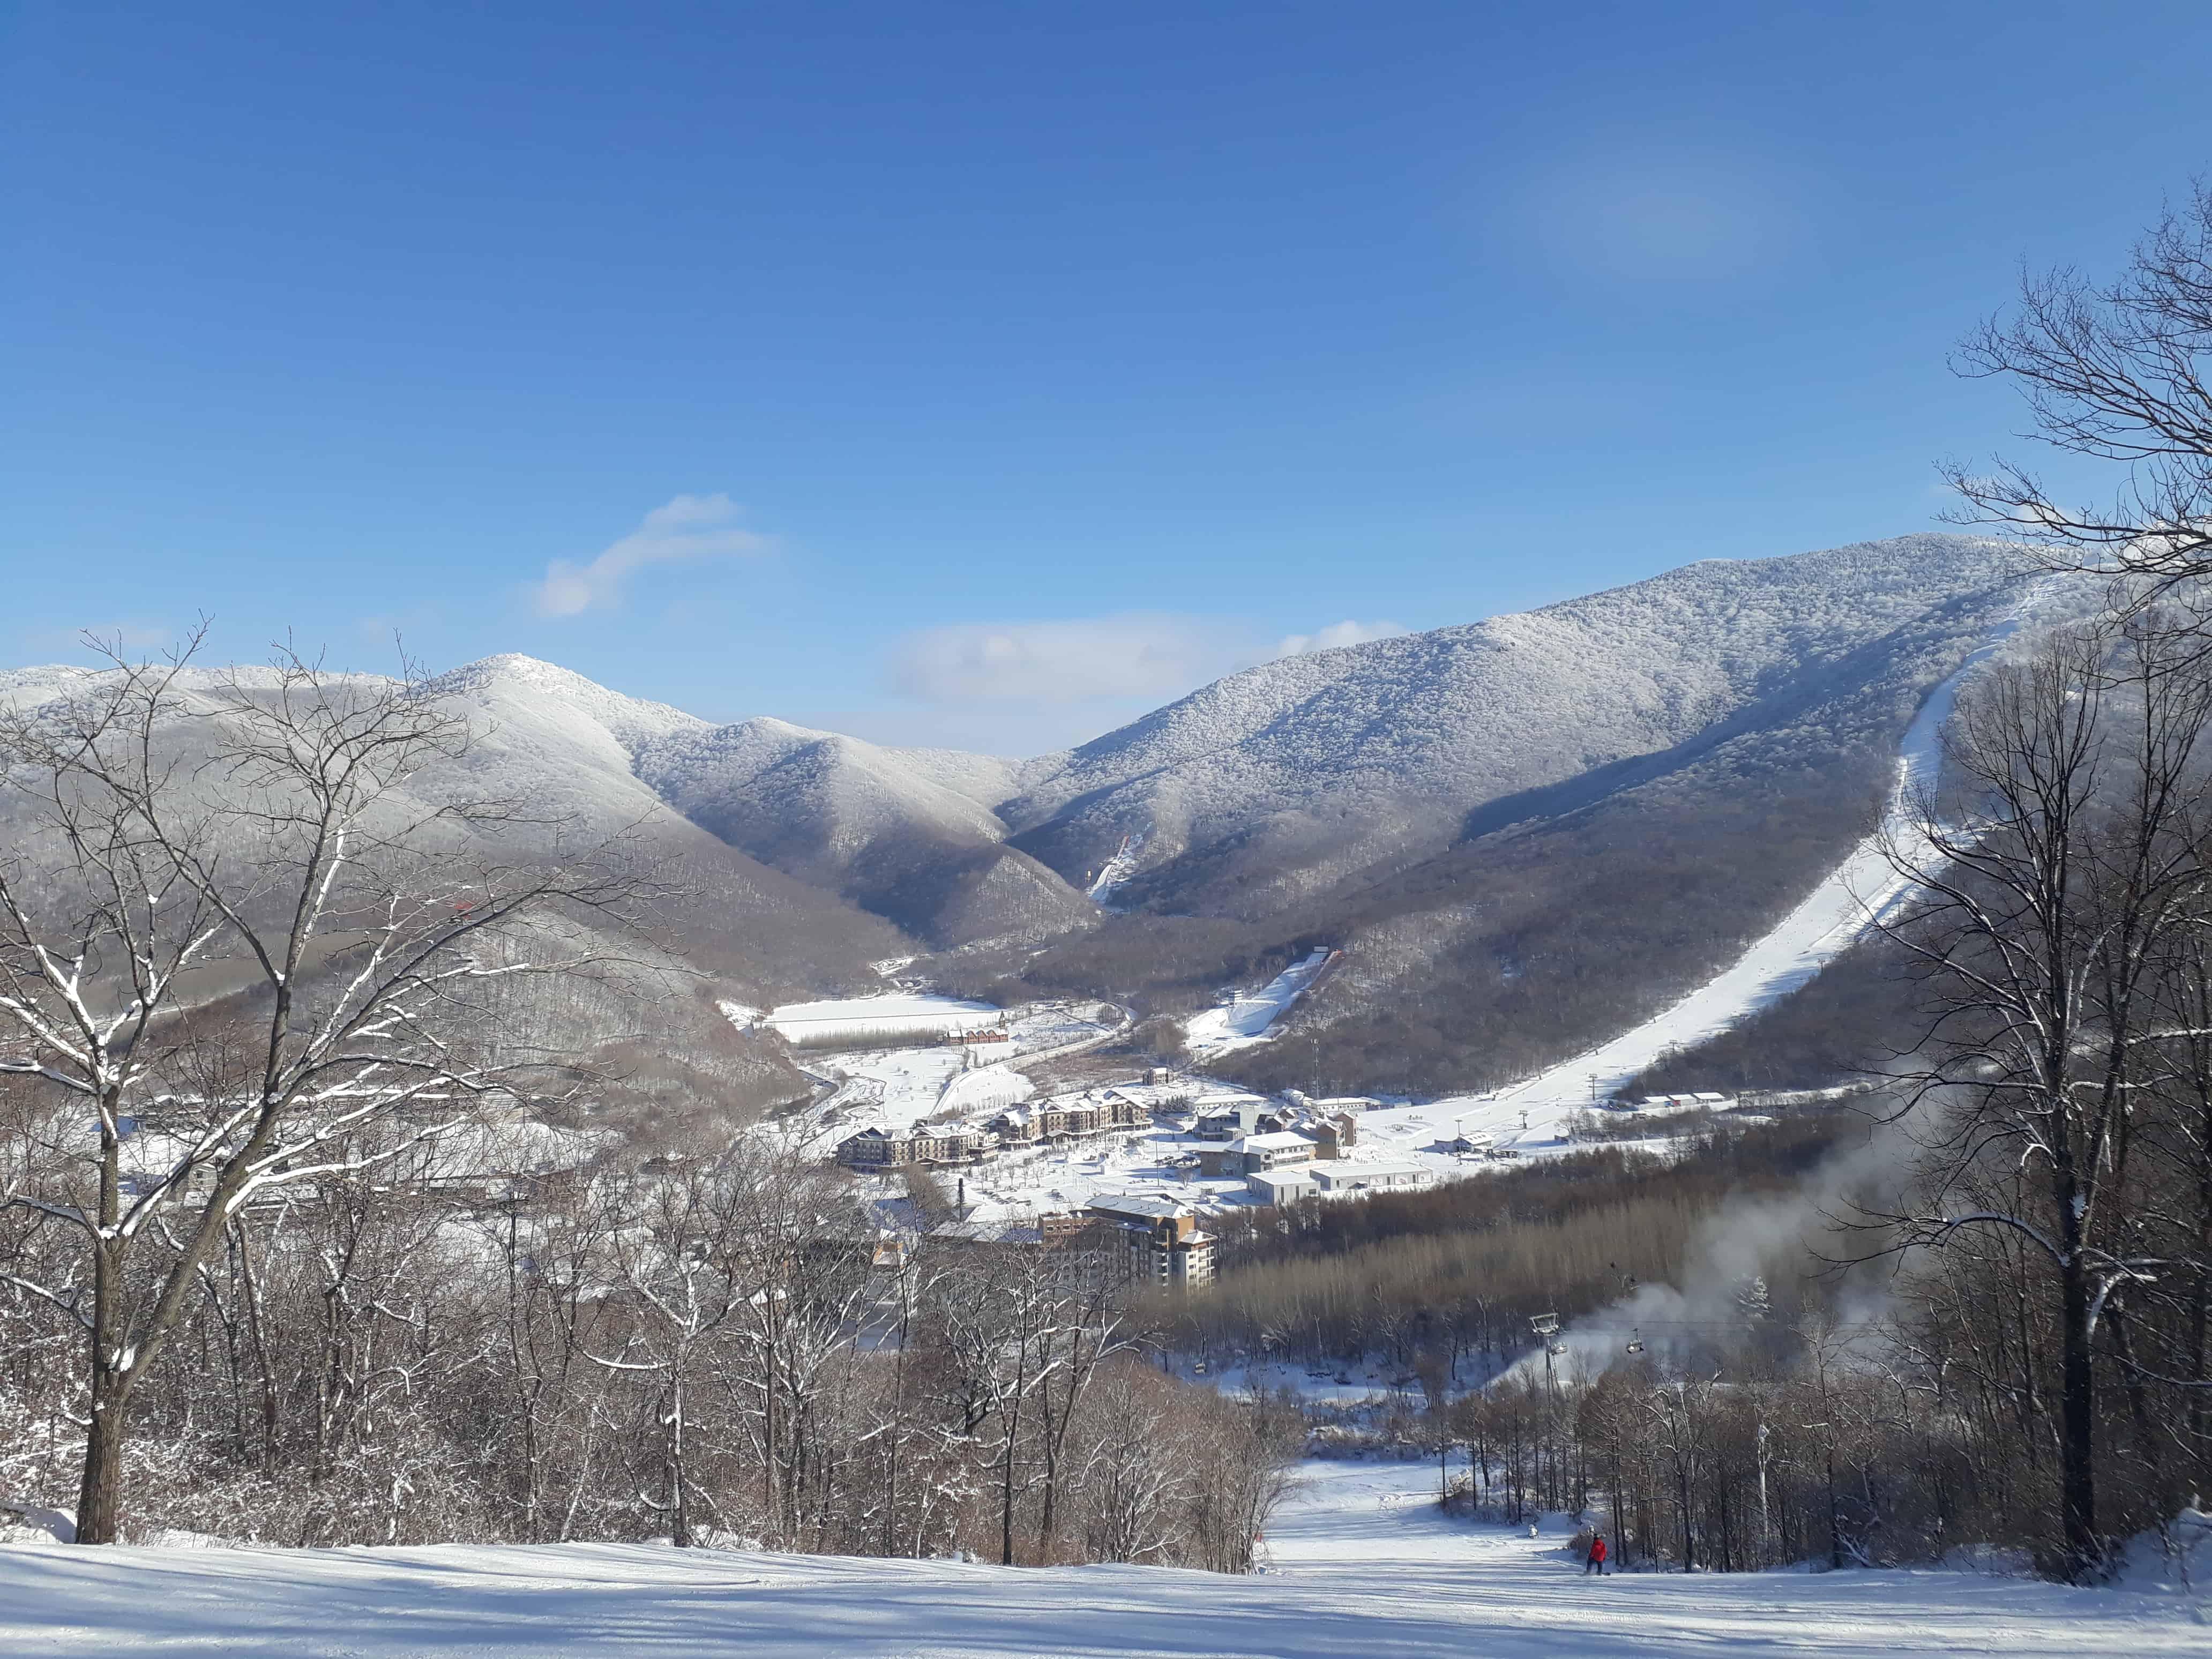 """Interviste itineranti: """"Sciando lungo le montagne della Cina"""" di Guido Favro"""